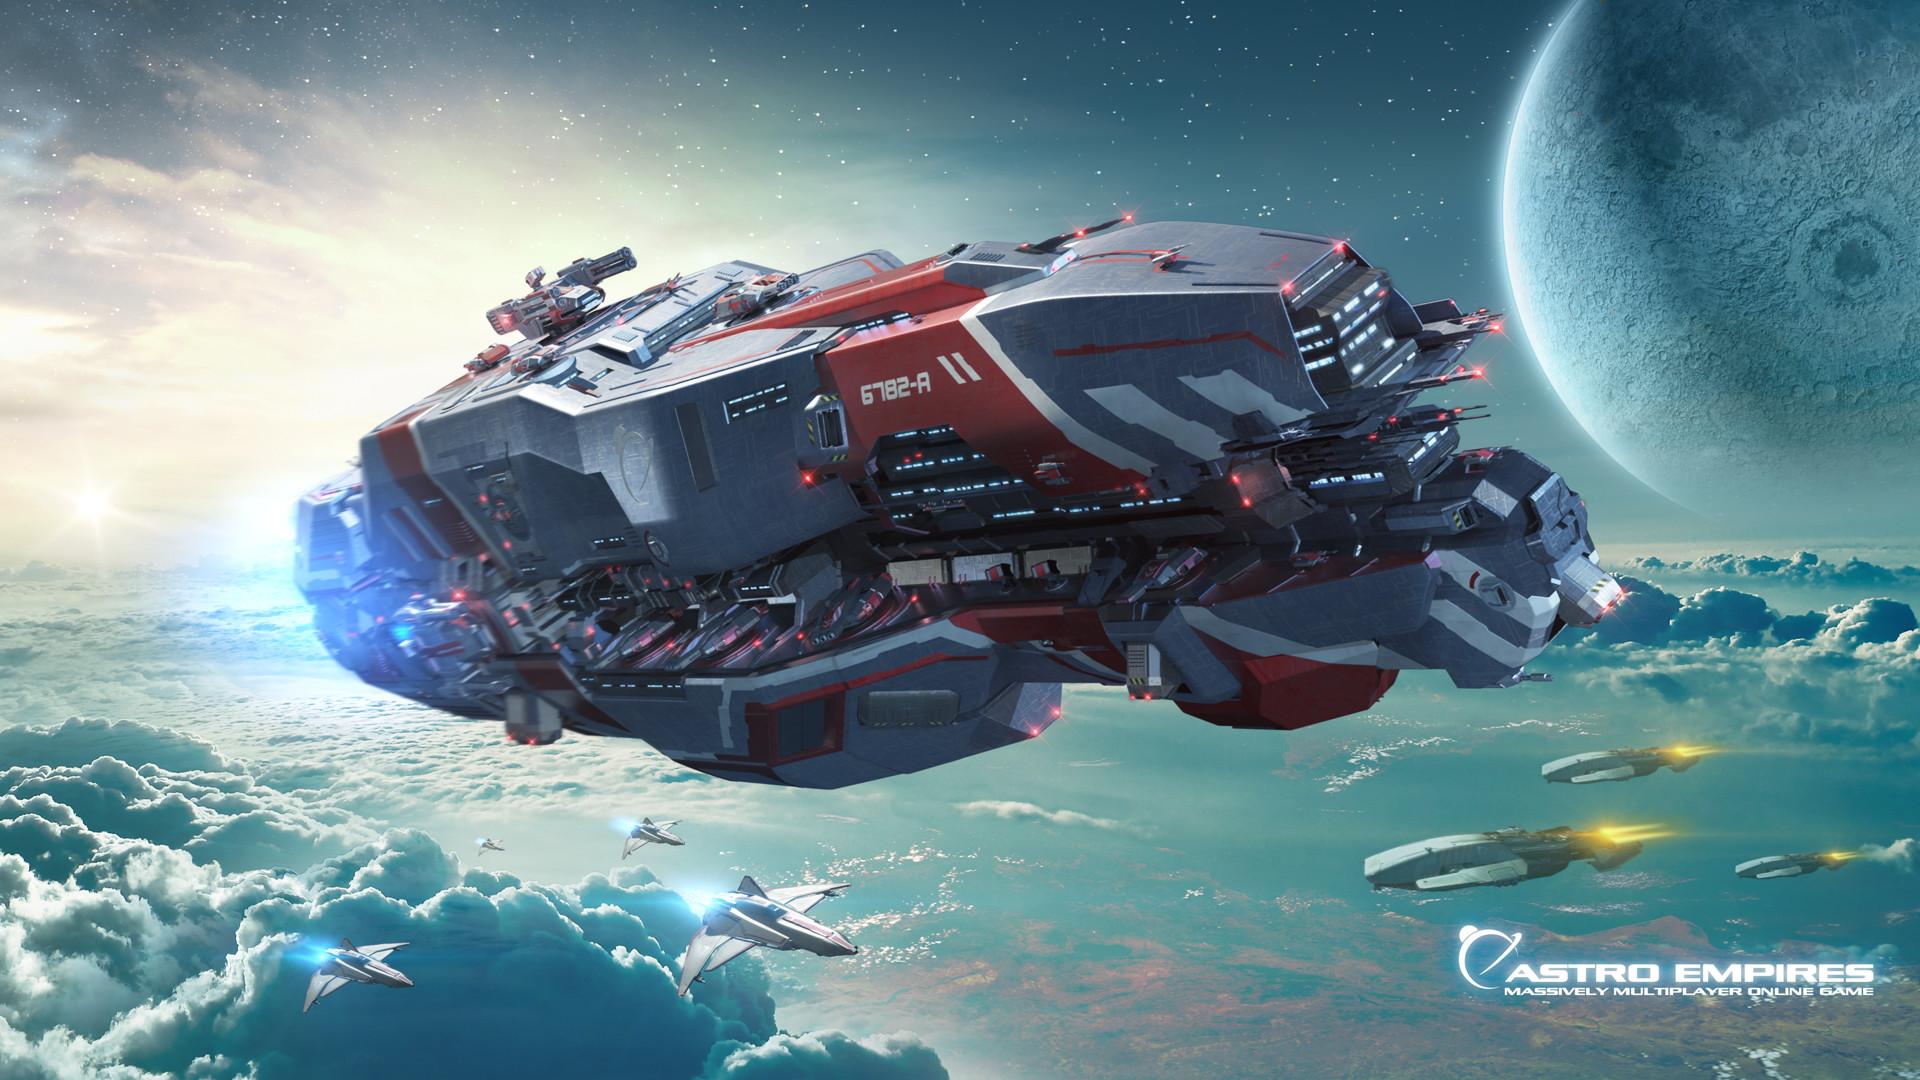 космические корабли будущего картинки рабочий стол специфического его расположения